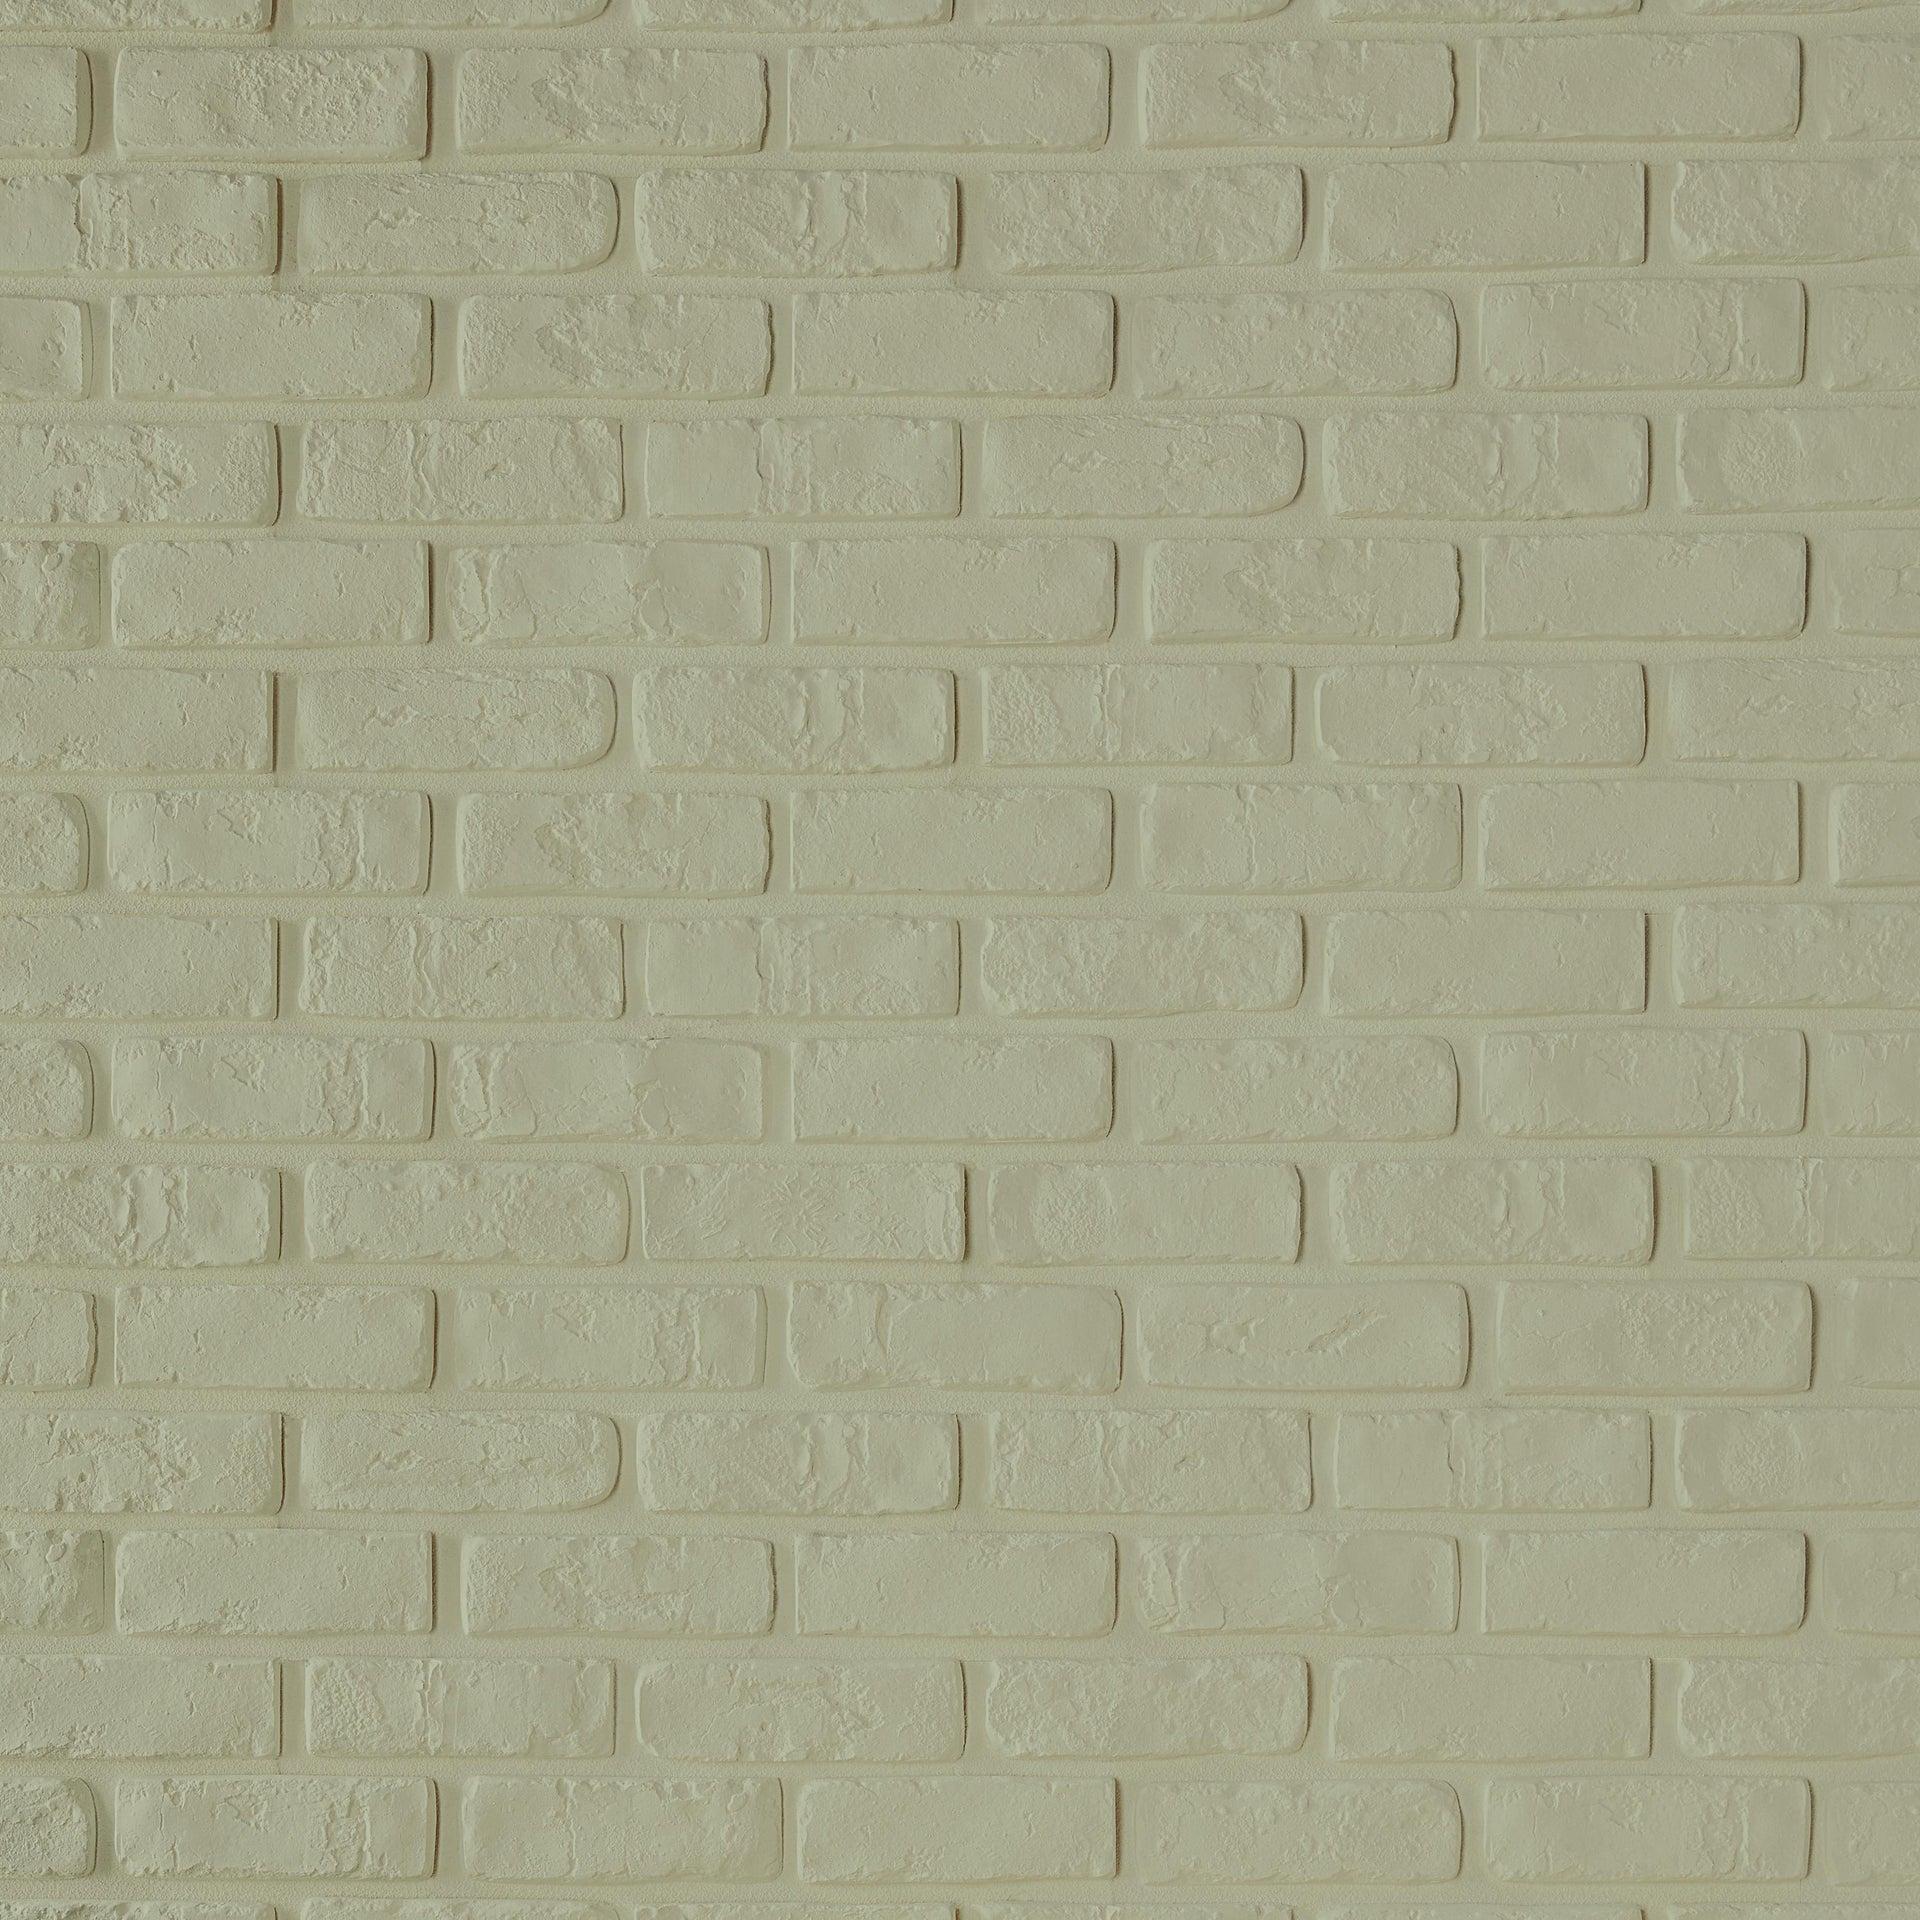 Mattone decorativo Isto bianco - 8